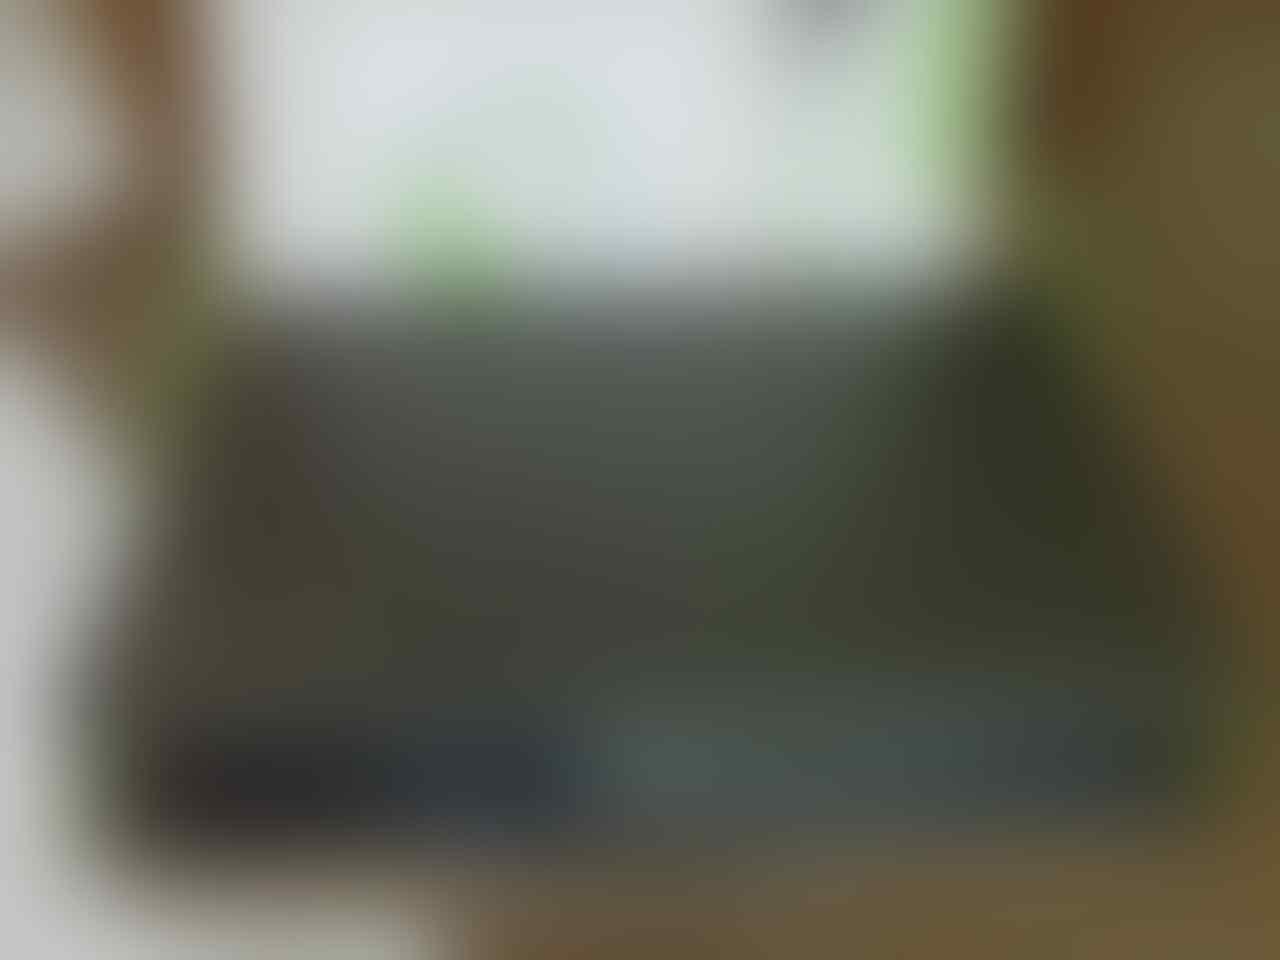 Acer Aspire 4739-372G32Mikk I3 MEMUSAKAN